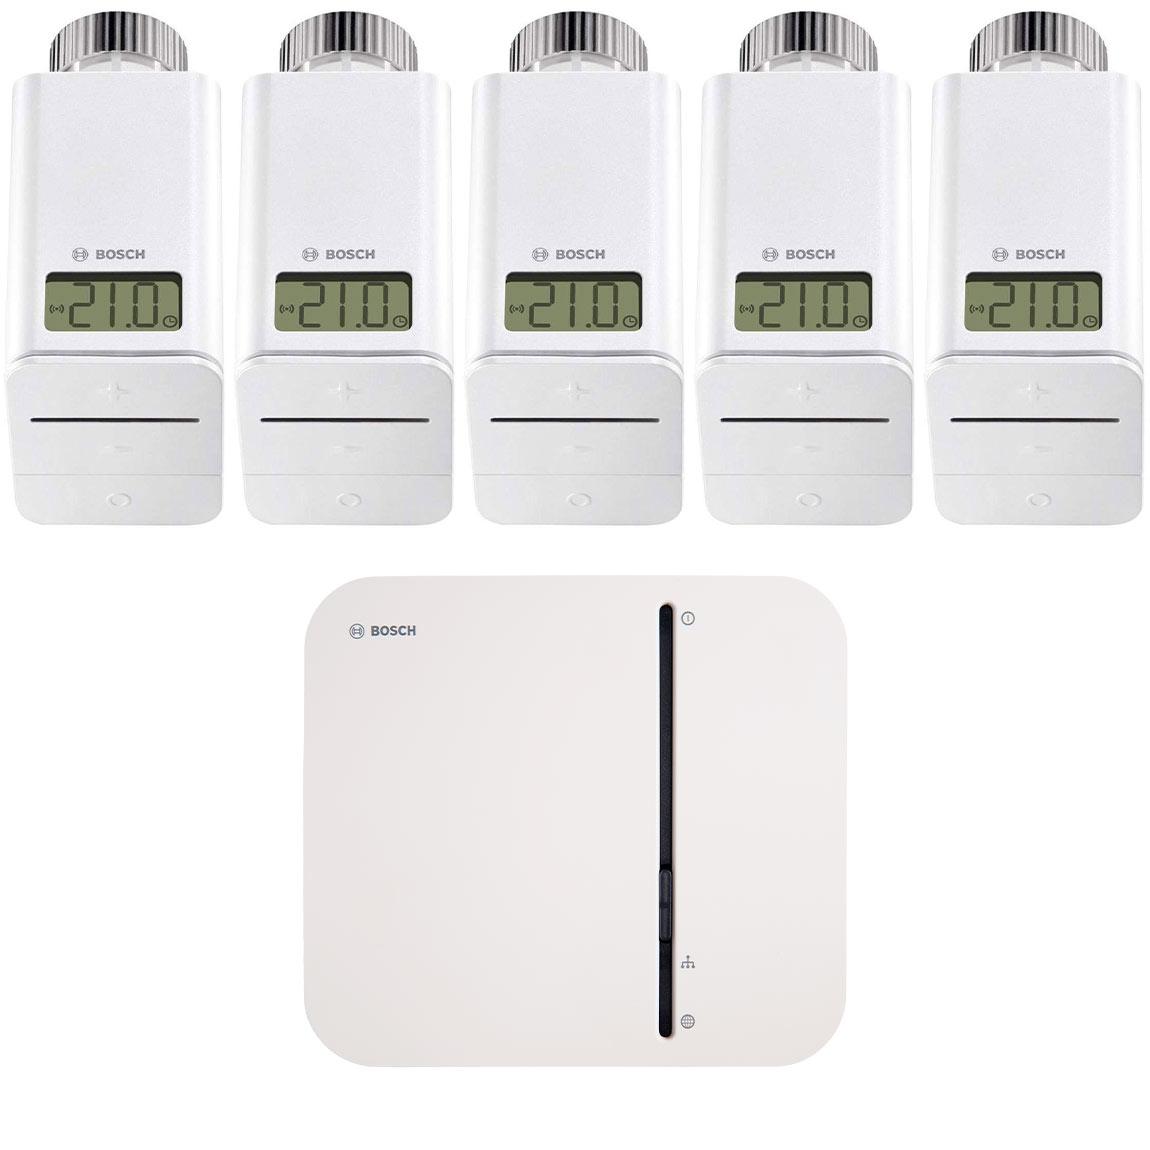 Bosch Smart Home – Starter Set Heizung mit 5 Thermostaten